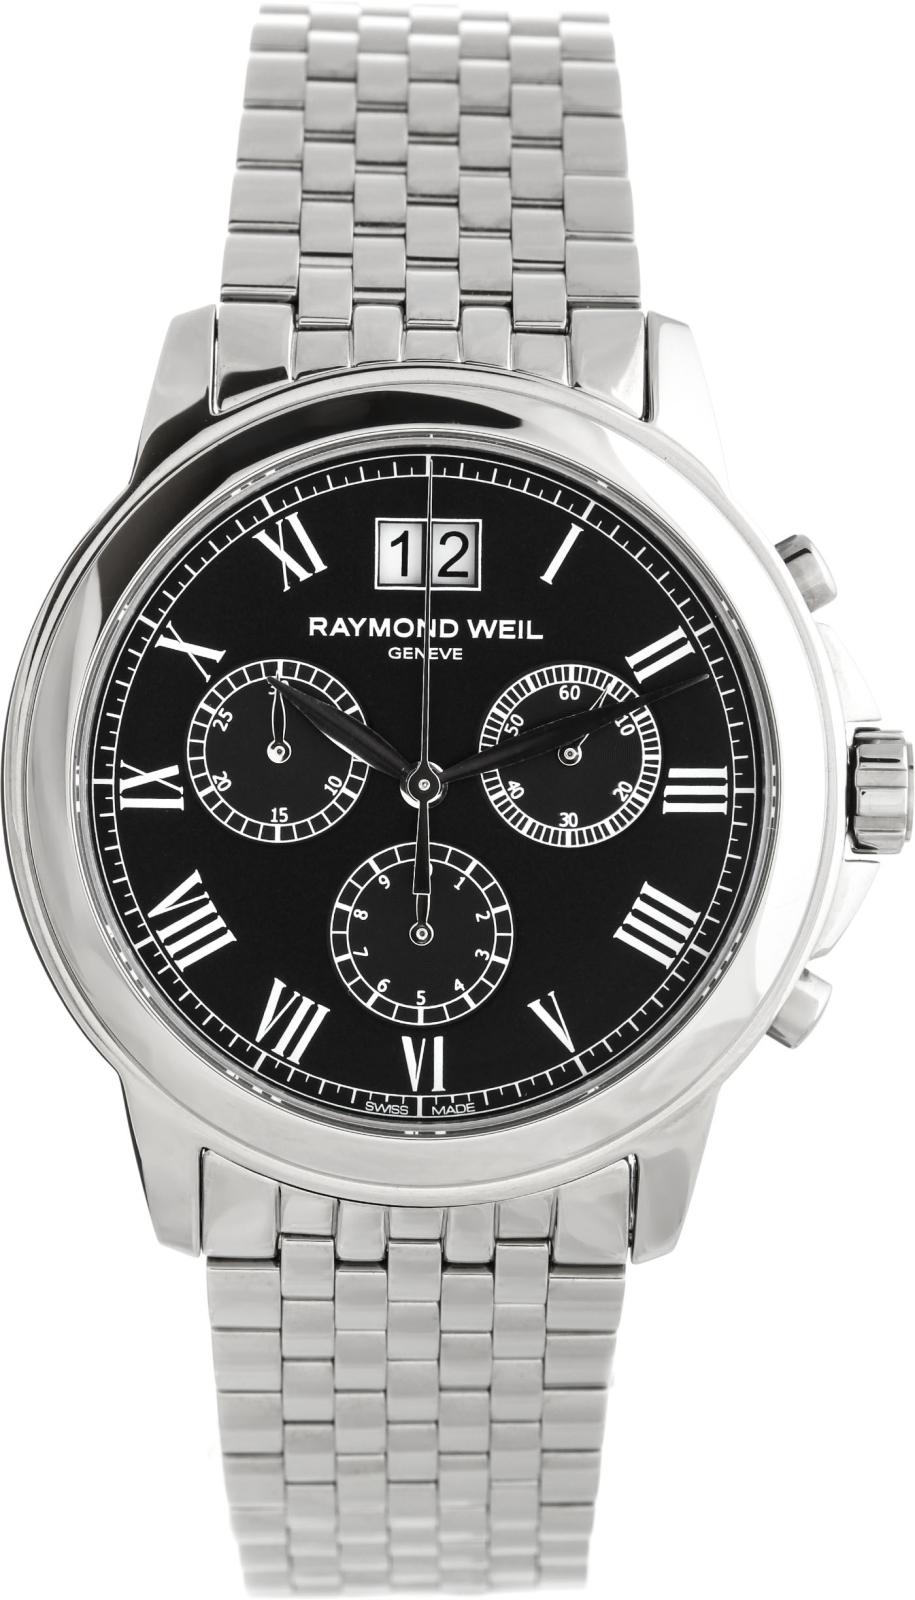 Raymond Weil Tradition 4476-ST-00200Наручные часы<br>Швейцарские часы Raymond Weil Tradition 4476-ST-00200Представленная модель входит в коллекцию Tradition. Это модные мужские часы. Материал корпуса часов — сталь. В этой модели стоит сапфировое стекло. Часы выдерживают давление на глубине 50 м. Основной цвет циферблата черный. Циферблат часов содержит часы, минуты, секунды. В этих часах используются такие усложнения как дата, хронограф. Диаметр корпуса часов составляет 39мм.<br><br>Пол: Мужские<br>Страна-производитель: Швейцария<br>Механизм: Кварцевый<br>Материал корпуса: Сталь<br>Материал ремня/браслета: Сталь<br>Водозащита, диапазон: 20 - 100 м<br>Стекло: Сапфировое<br>Толщина корпуса: None<br>Стиль: Спорт